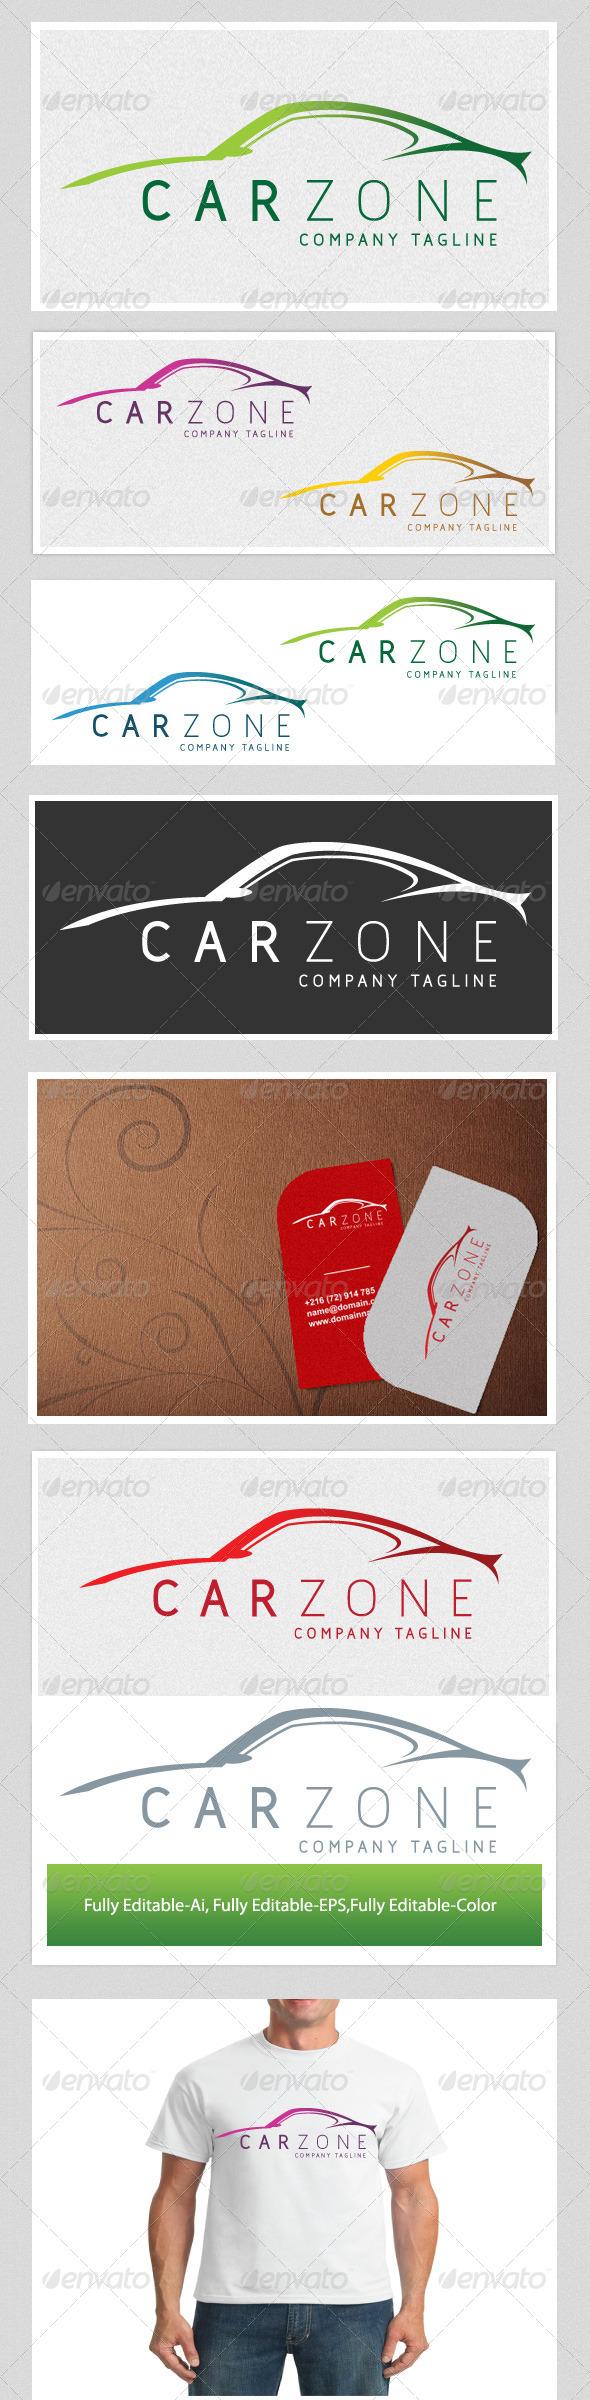 GraphicRiver Car Zone 4076485